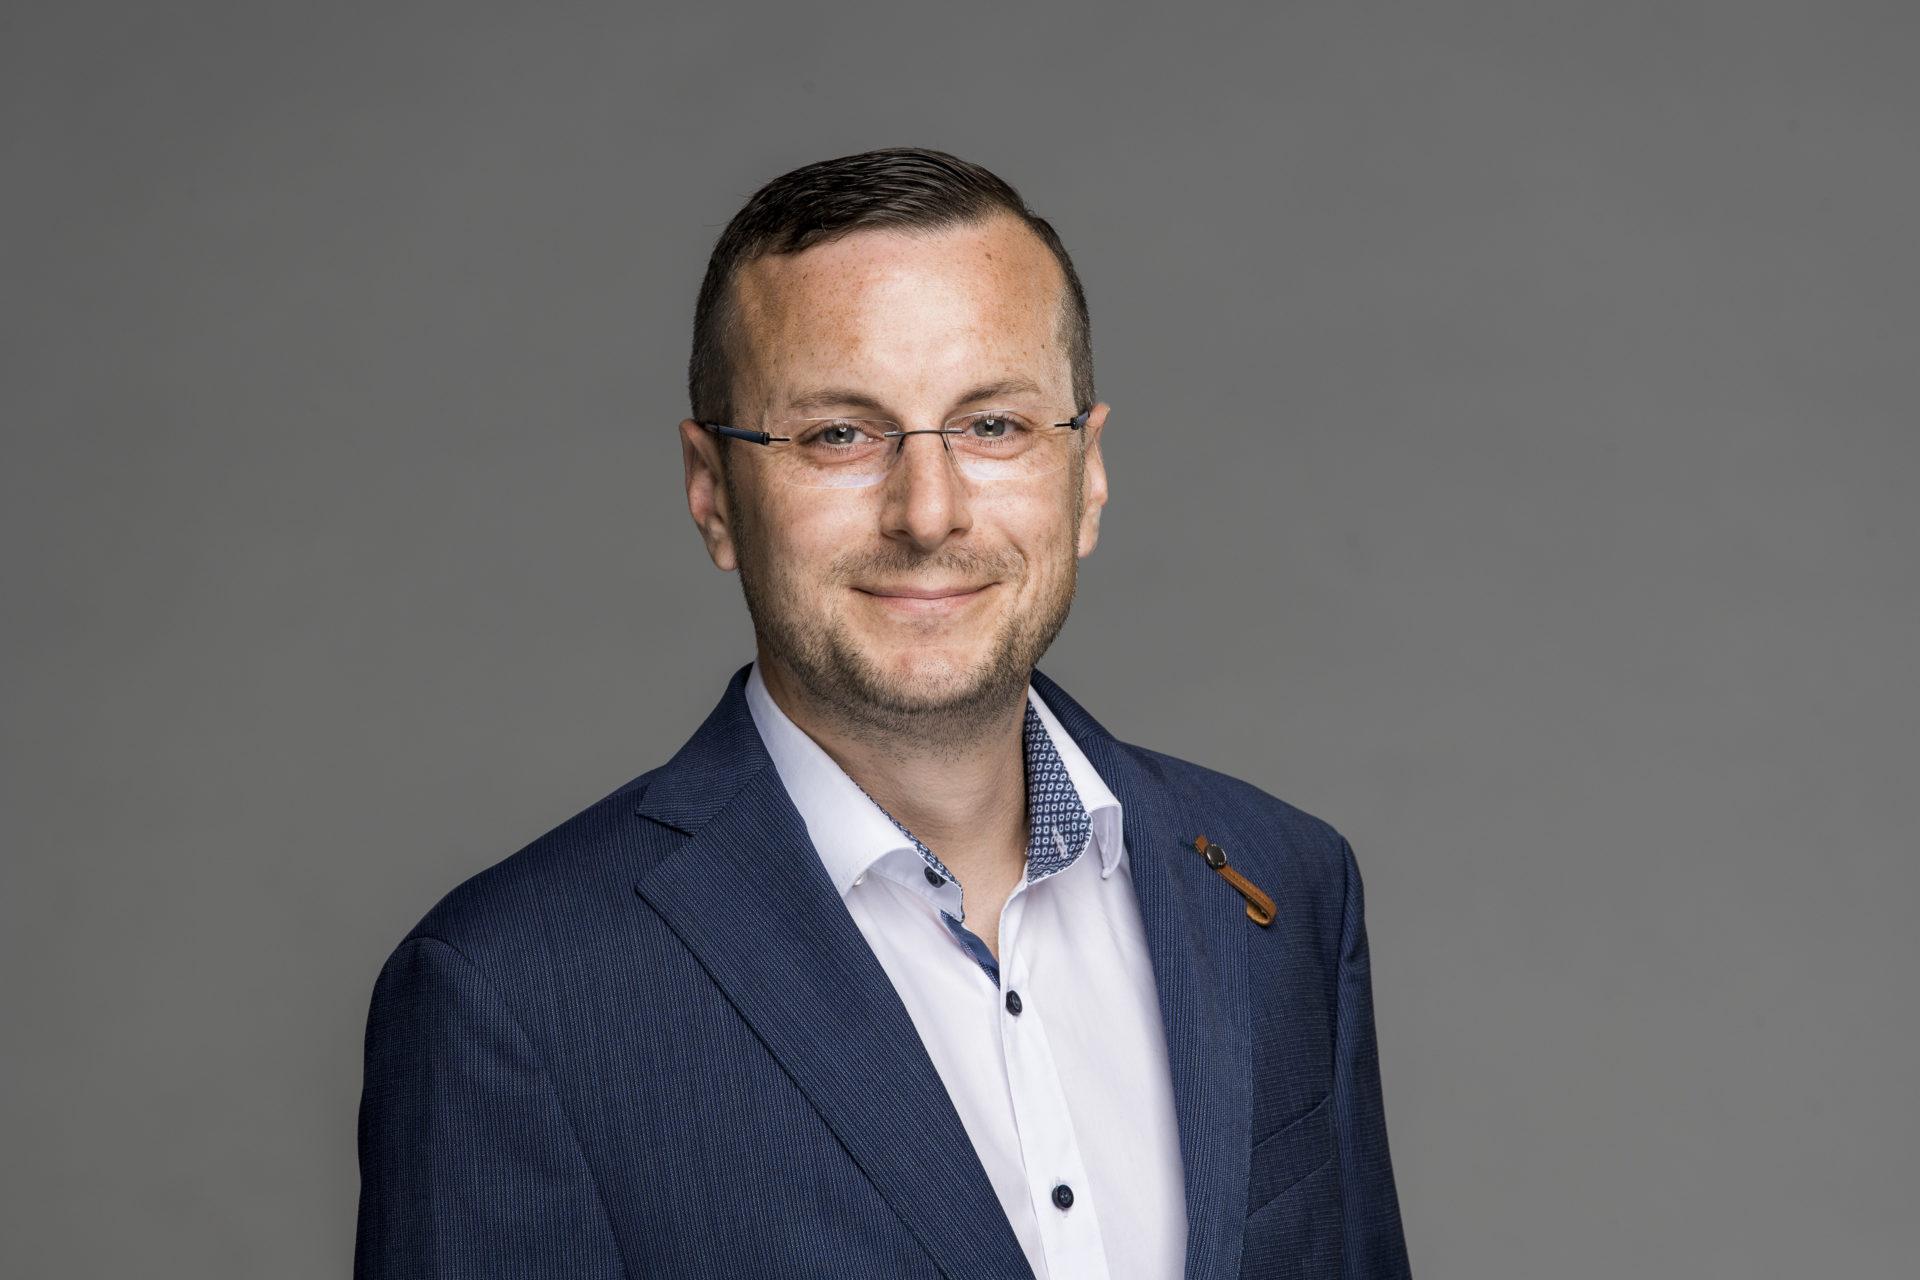 Der Resident Manager für SCHÖNES LEBEN Gotha am Neumarkt stellt sich vor